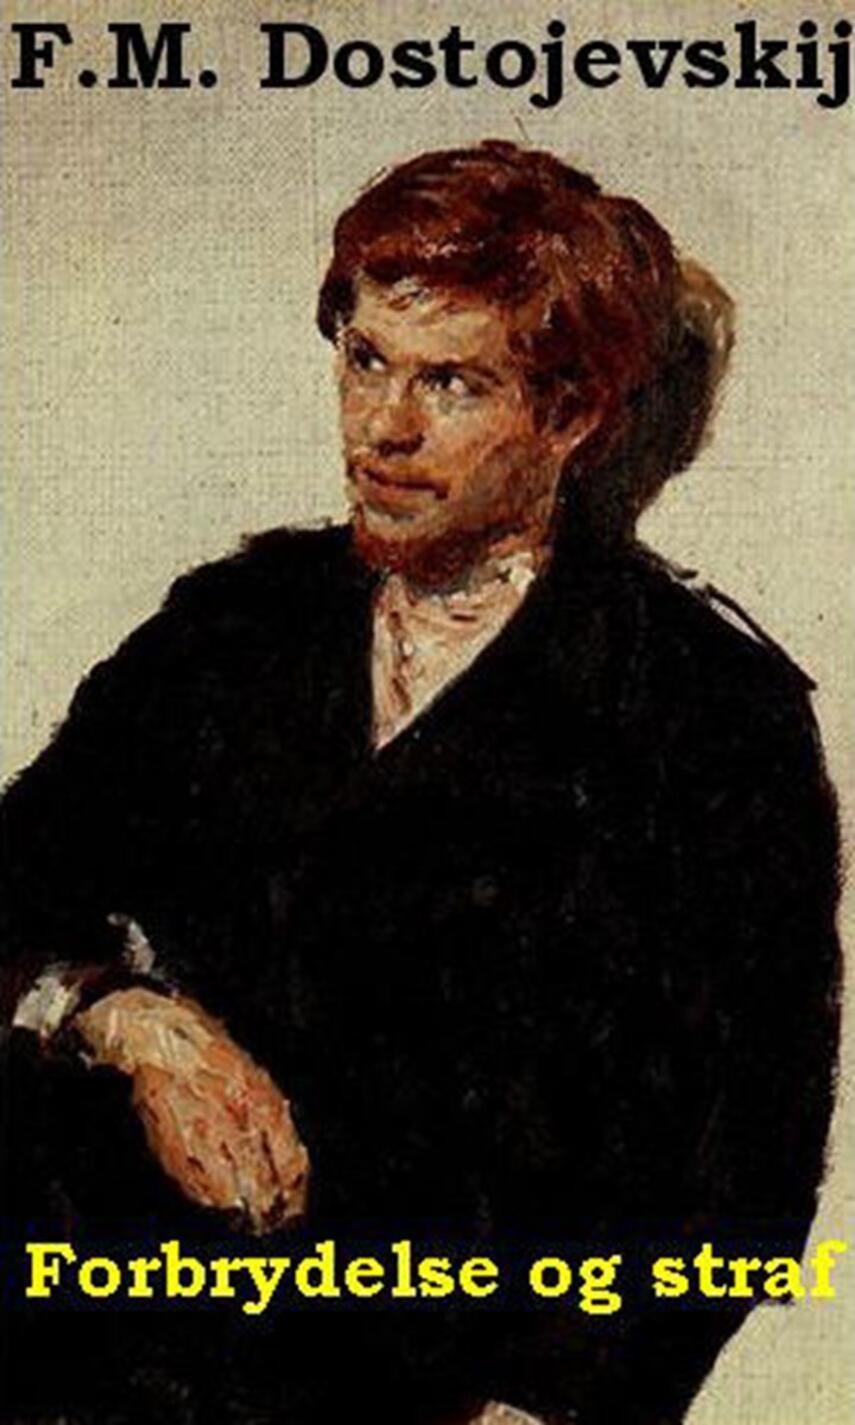 F. M. Dostojevskij: Forbrydelse og straf (Ved A. Henry Heymann)